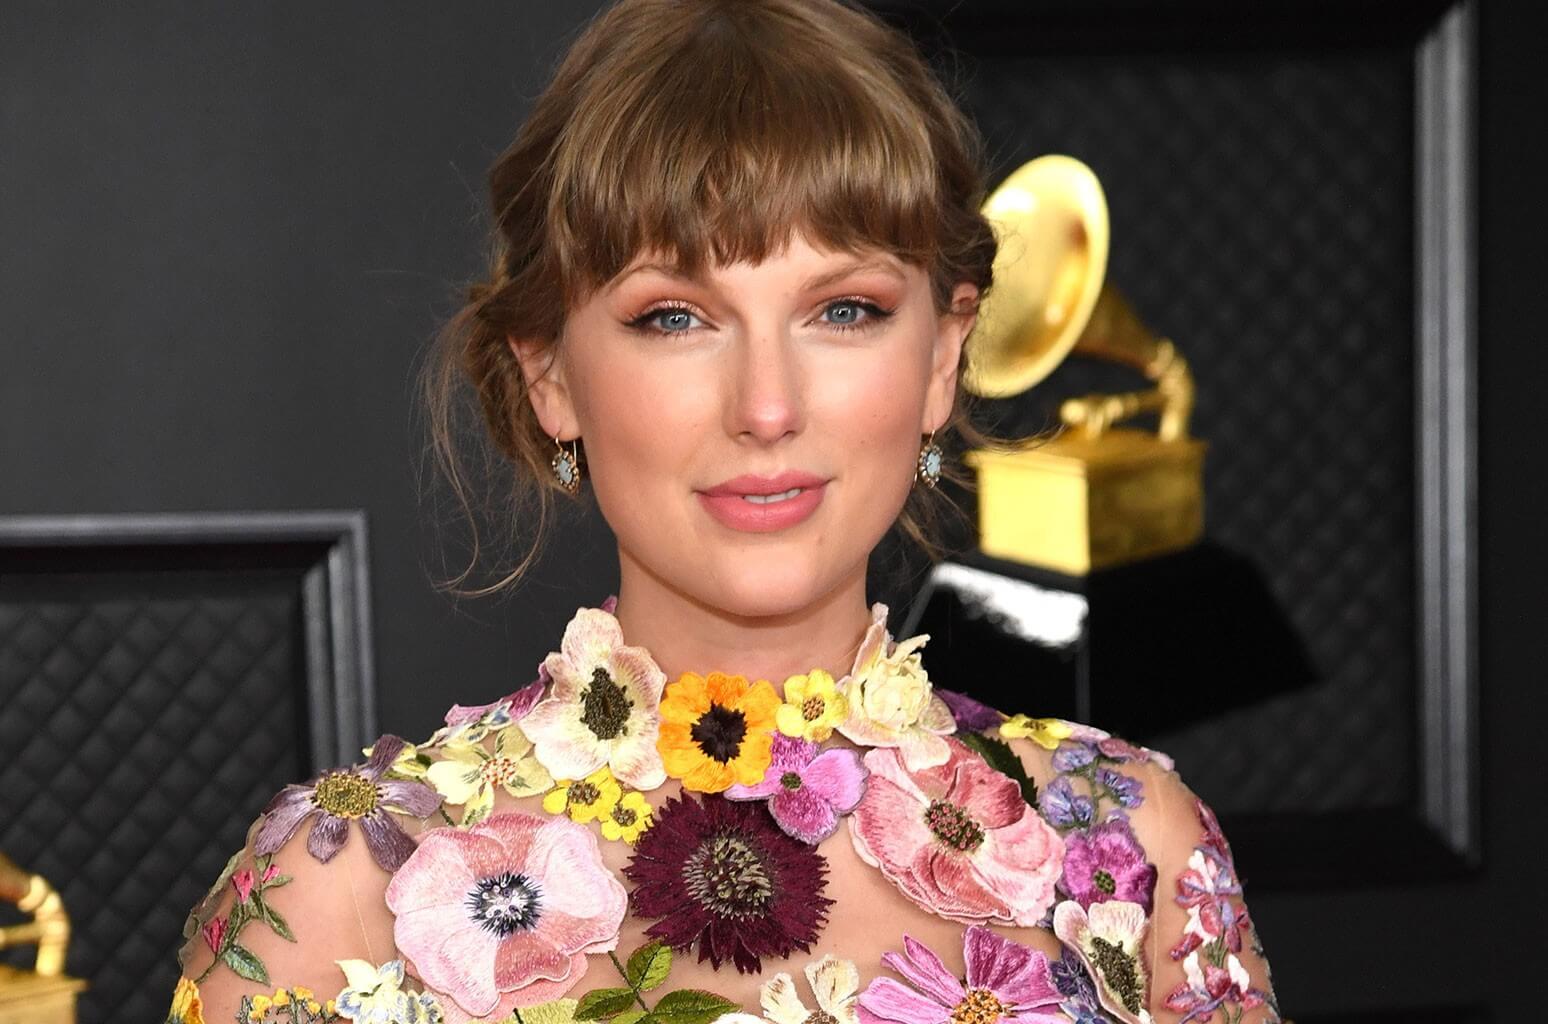 Taylor Swiftの人気曲ランキングTOP20・おすすめ曲7選まとめ